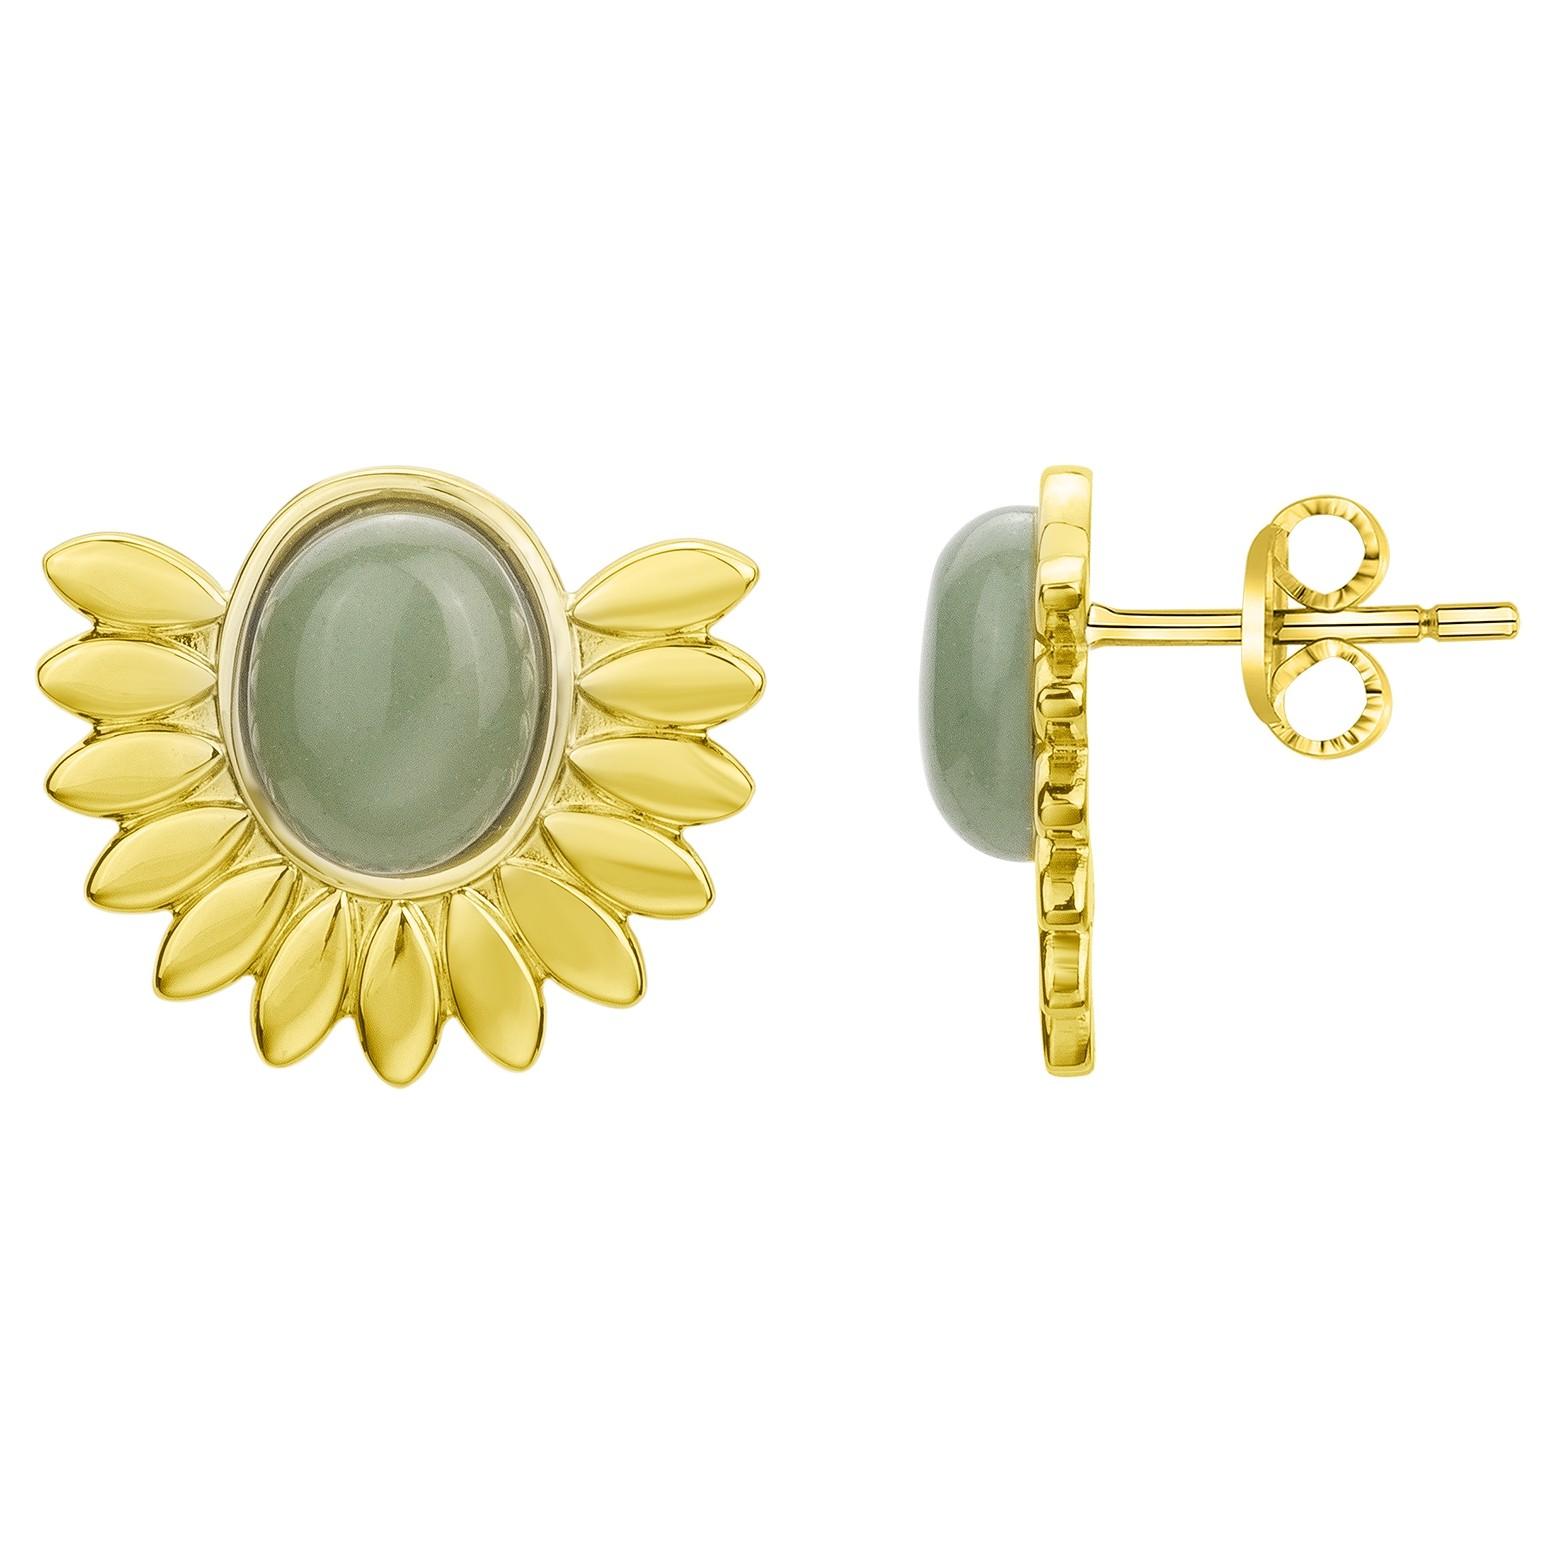 Boucles d'oreilles acier 316L Femme PHEBUS pour #Elle